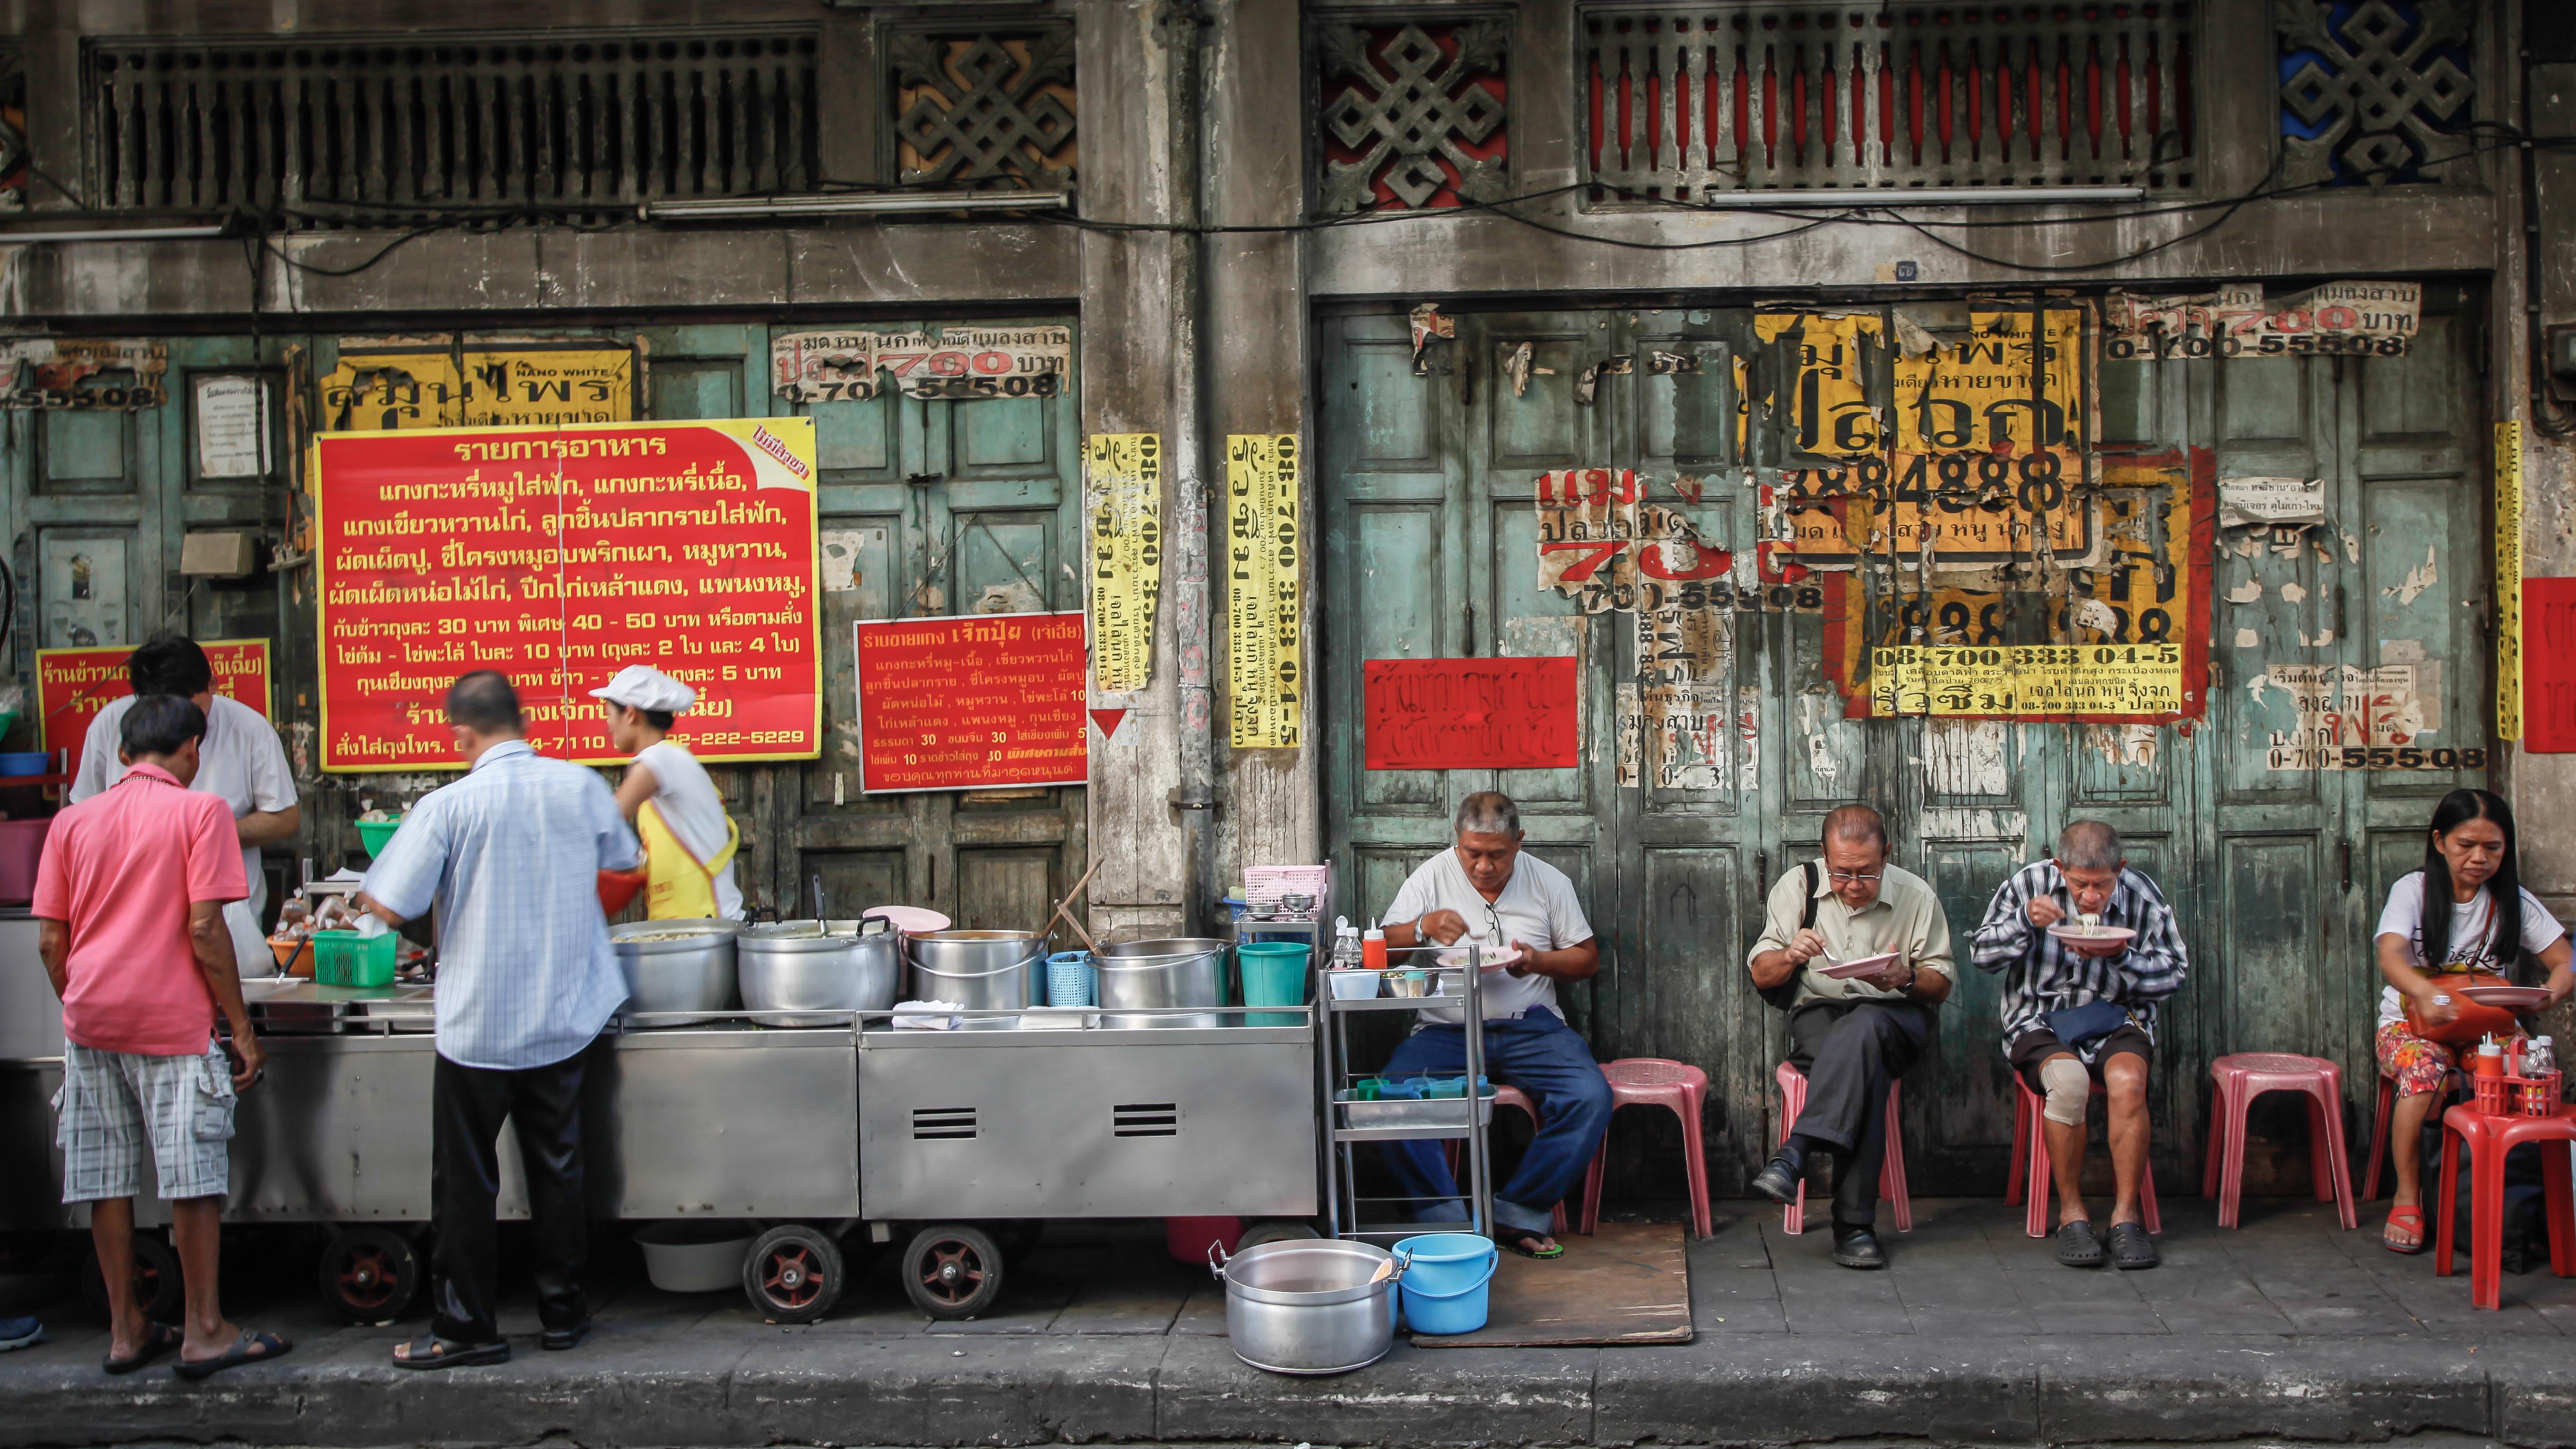 Det är större risk att få turistdiarré i länder med dålig vattenrening och sjukdomen går ofta över inom tre till fyra dagar.